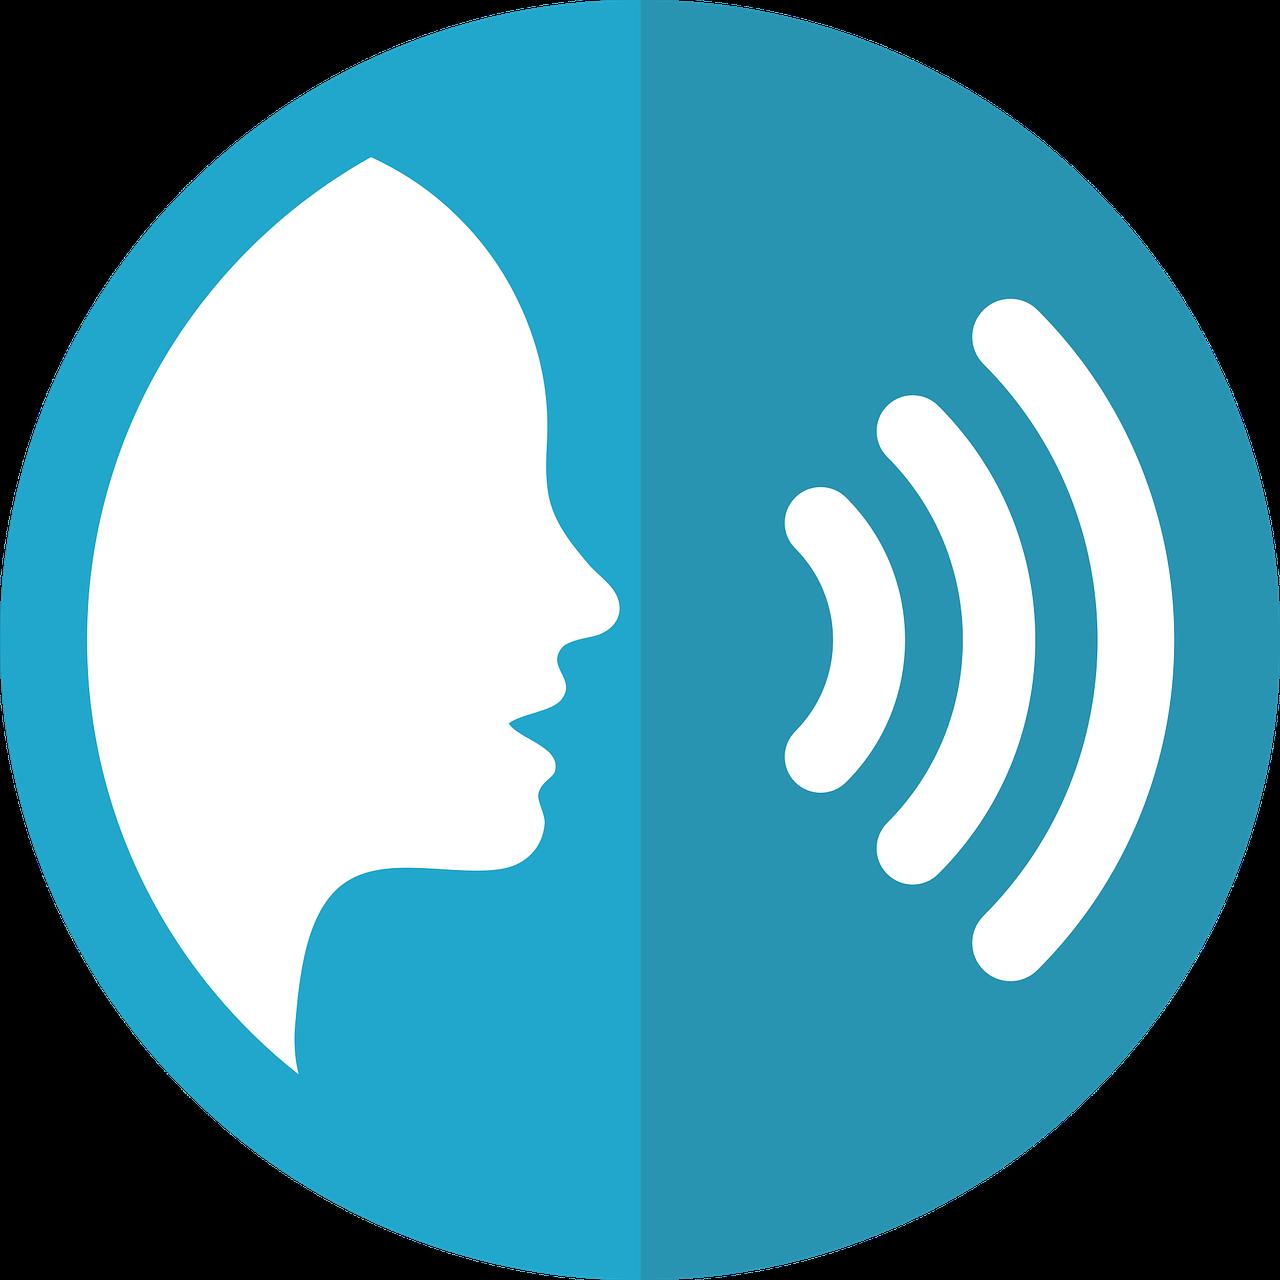 #Alexa_werden#Versicherungen_ihre#Vermittler_durch#Sprachassistenten_ersetzen?